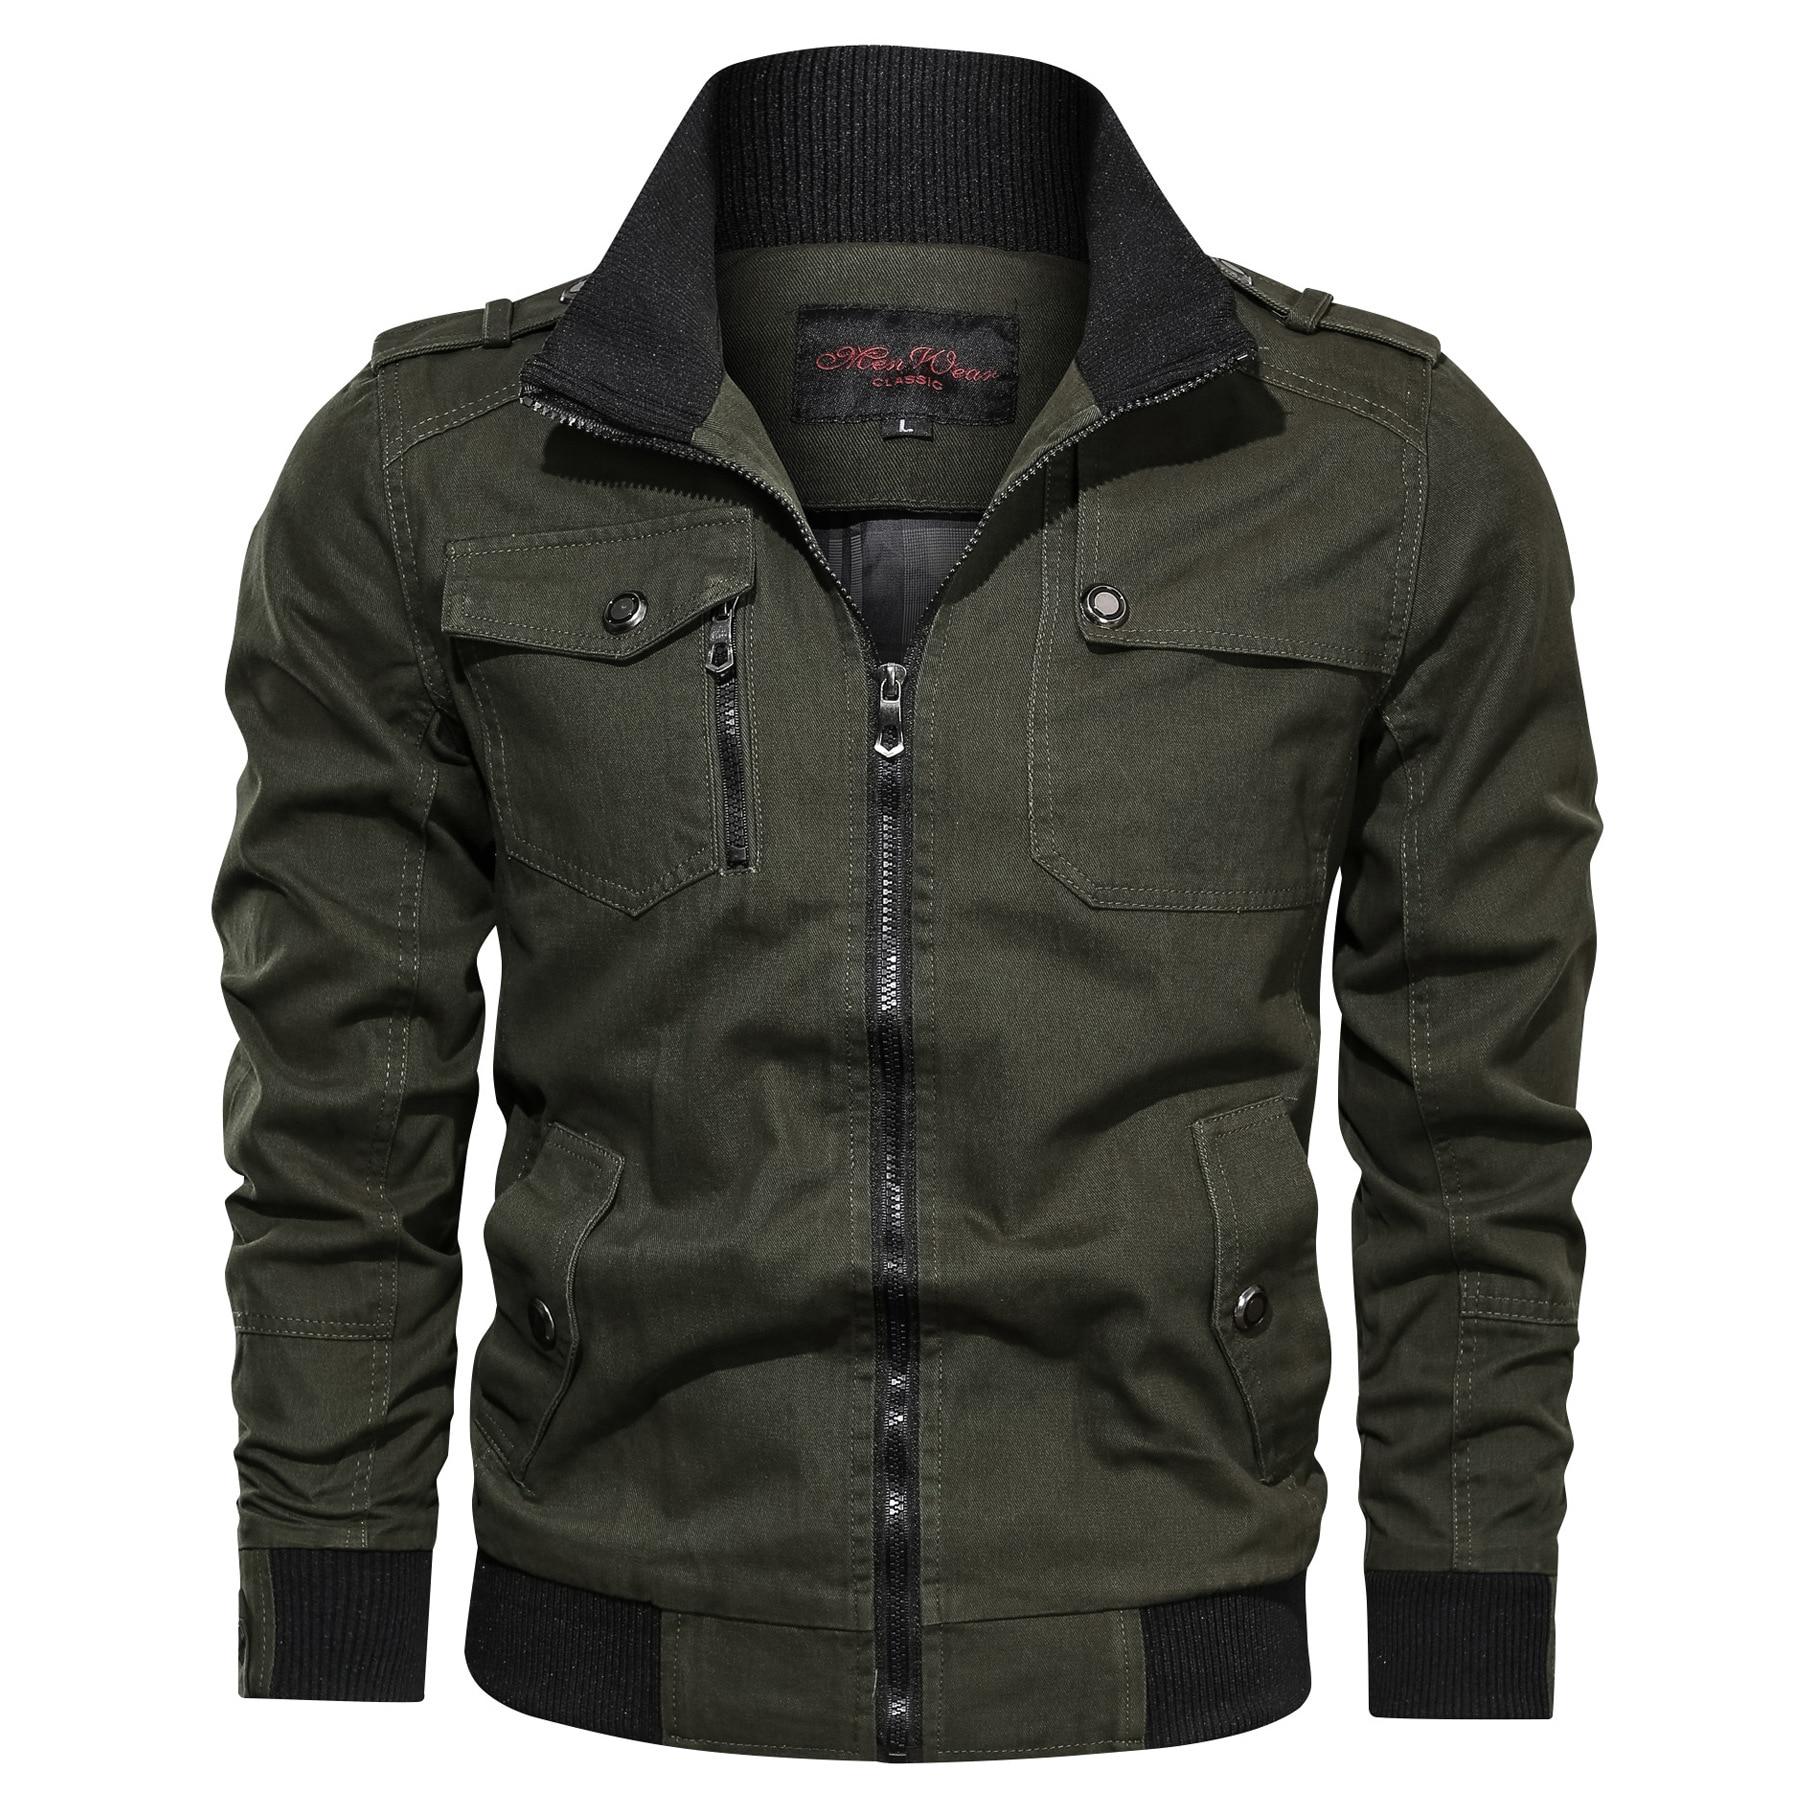 Весна-Осень 2021, мужская куртка-бомбер, куртка в стиле милитари, Мужская демисезонная хлопковая ветровка, пальто-бомбер в стиле милитари, муж...